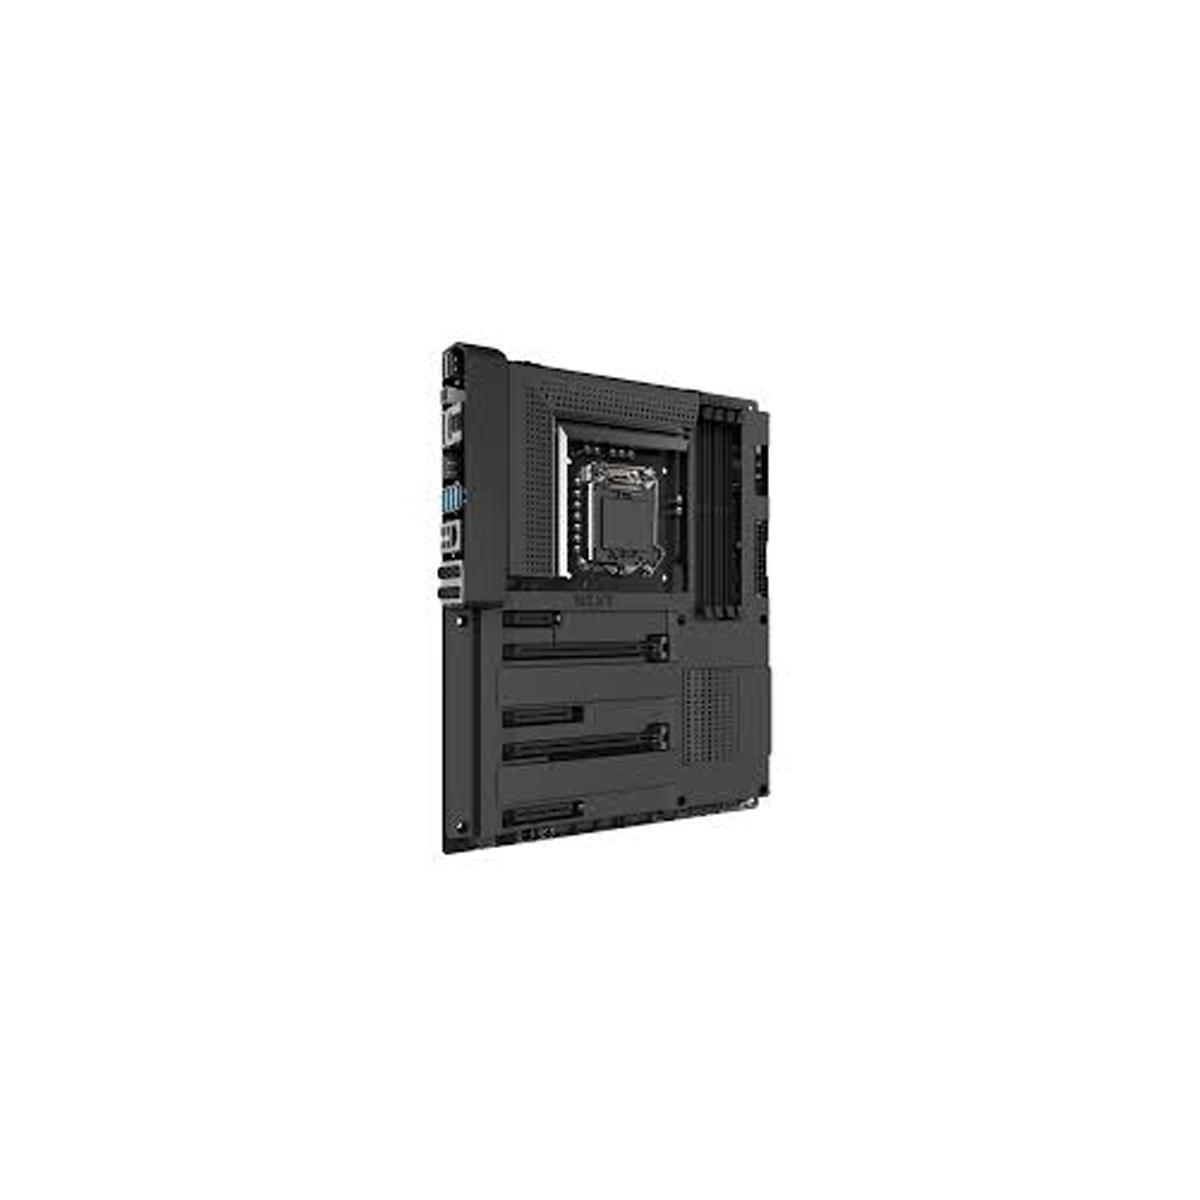 MB NZXT N7-Z37XT (MD2103) DDR4